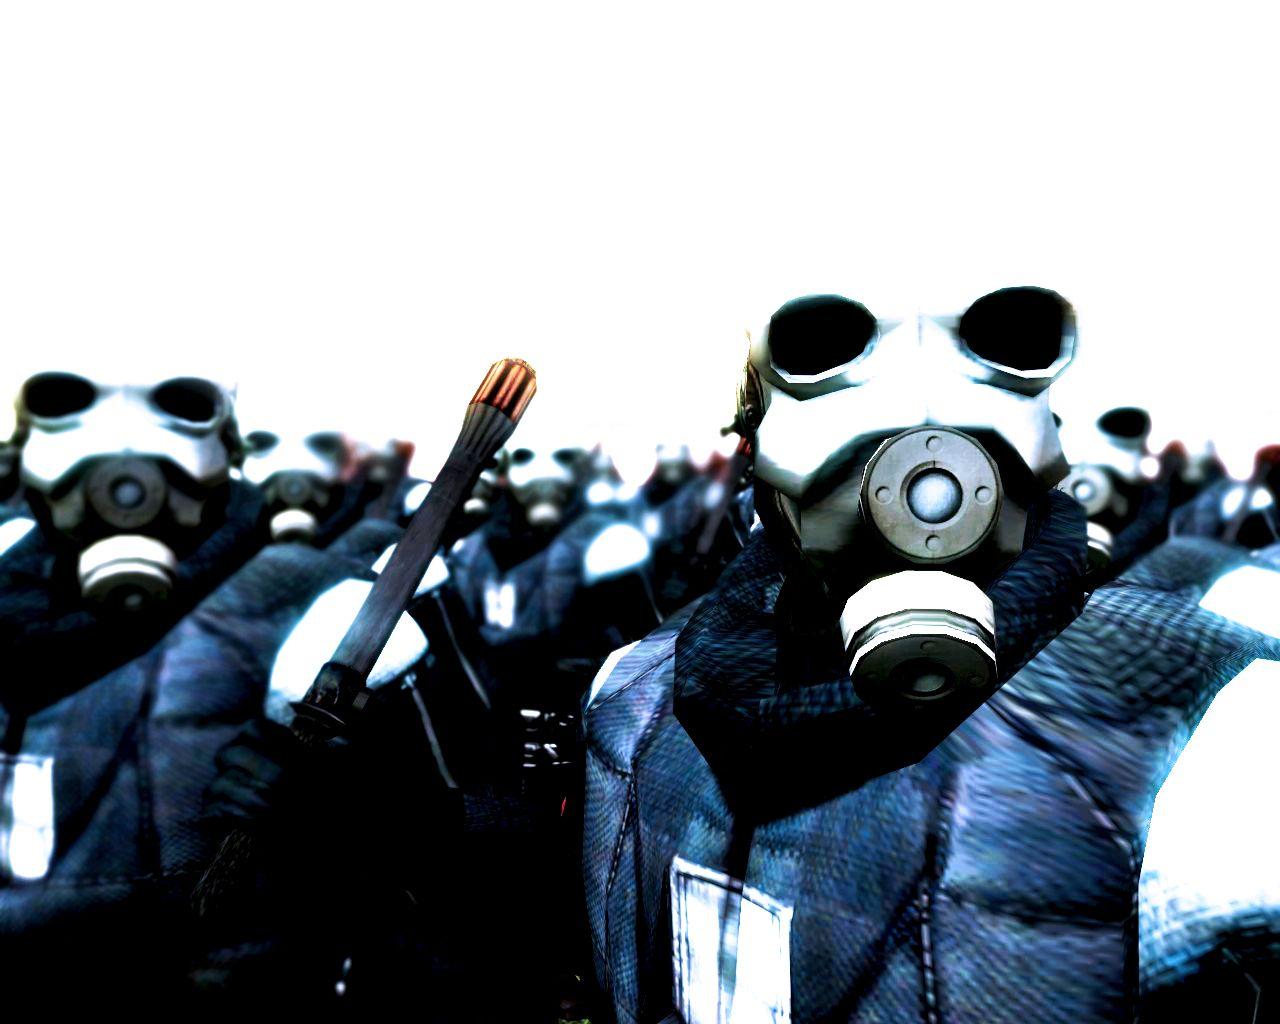 Combine Hl2 Wallpaper | www.pixshark.com - Images ...